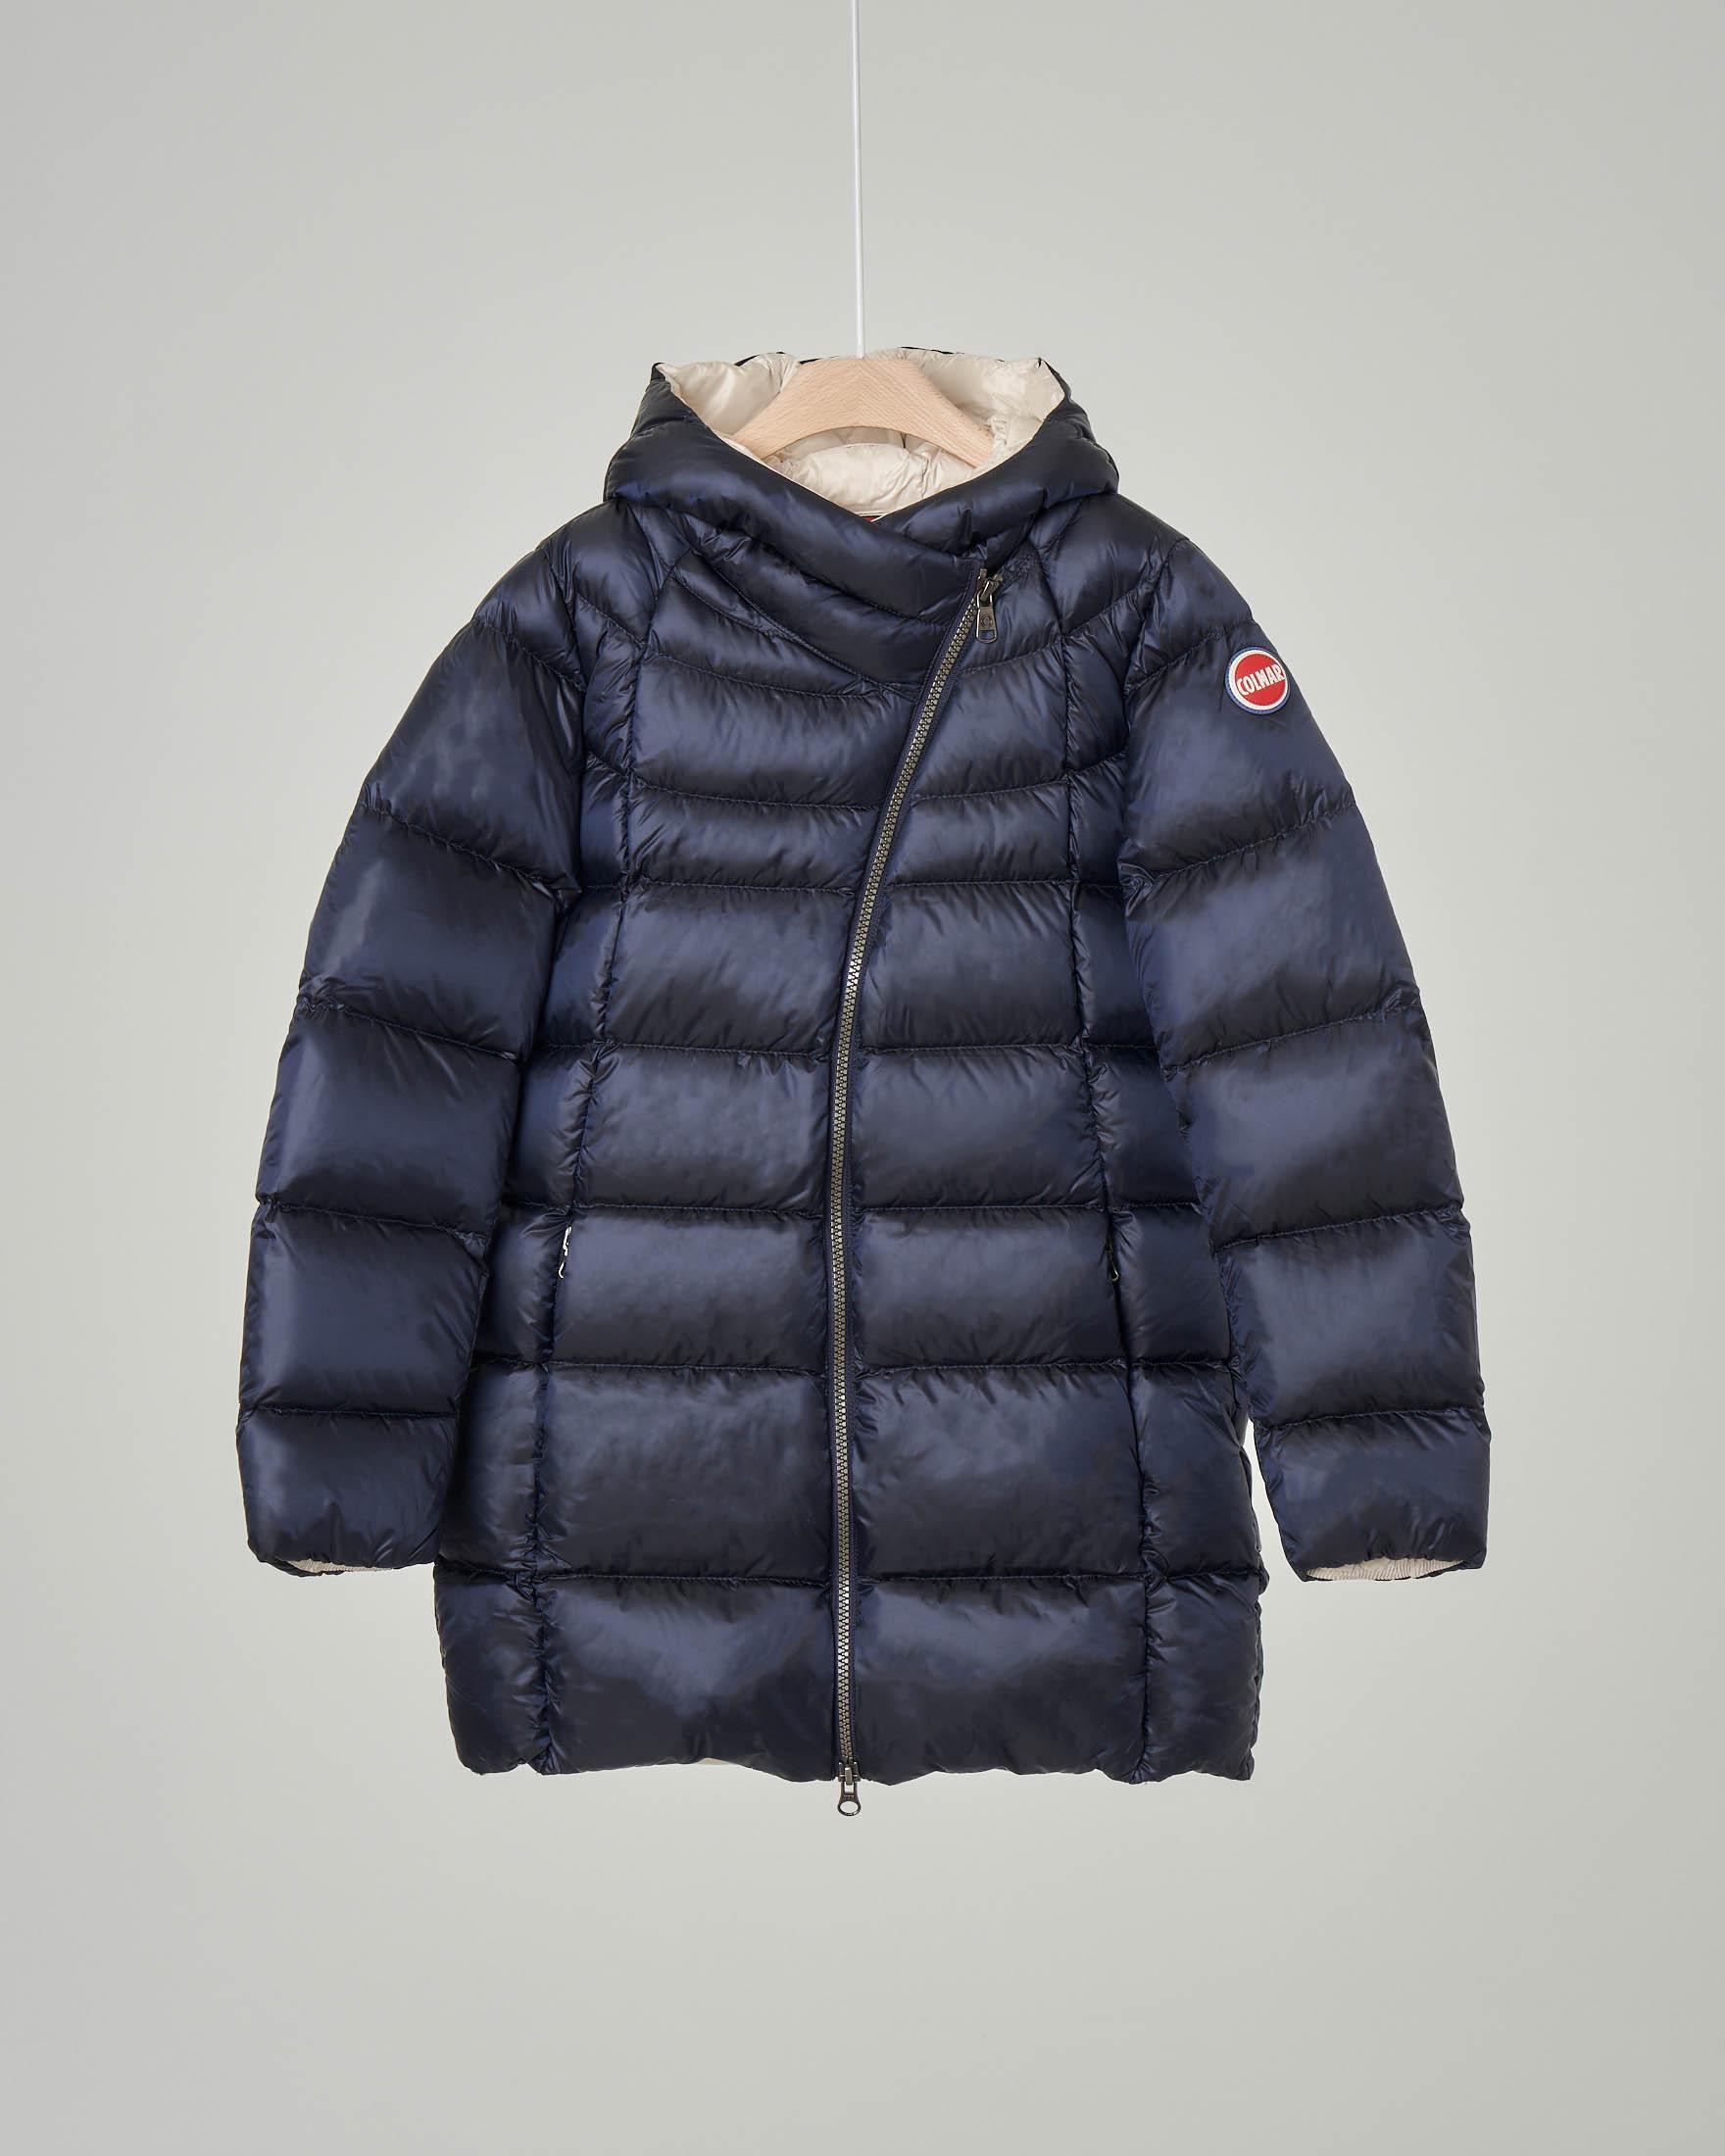 Cappotto blu imbottito in piuma con chiusura diagonale 12 16 anni | Pellizzari E commerce